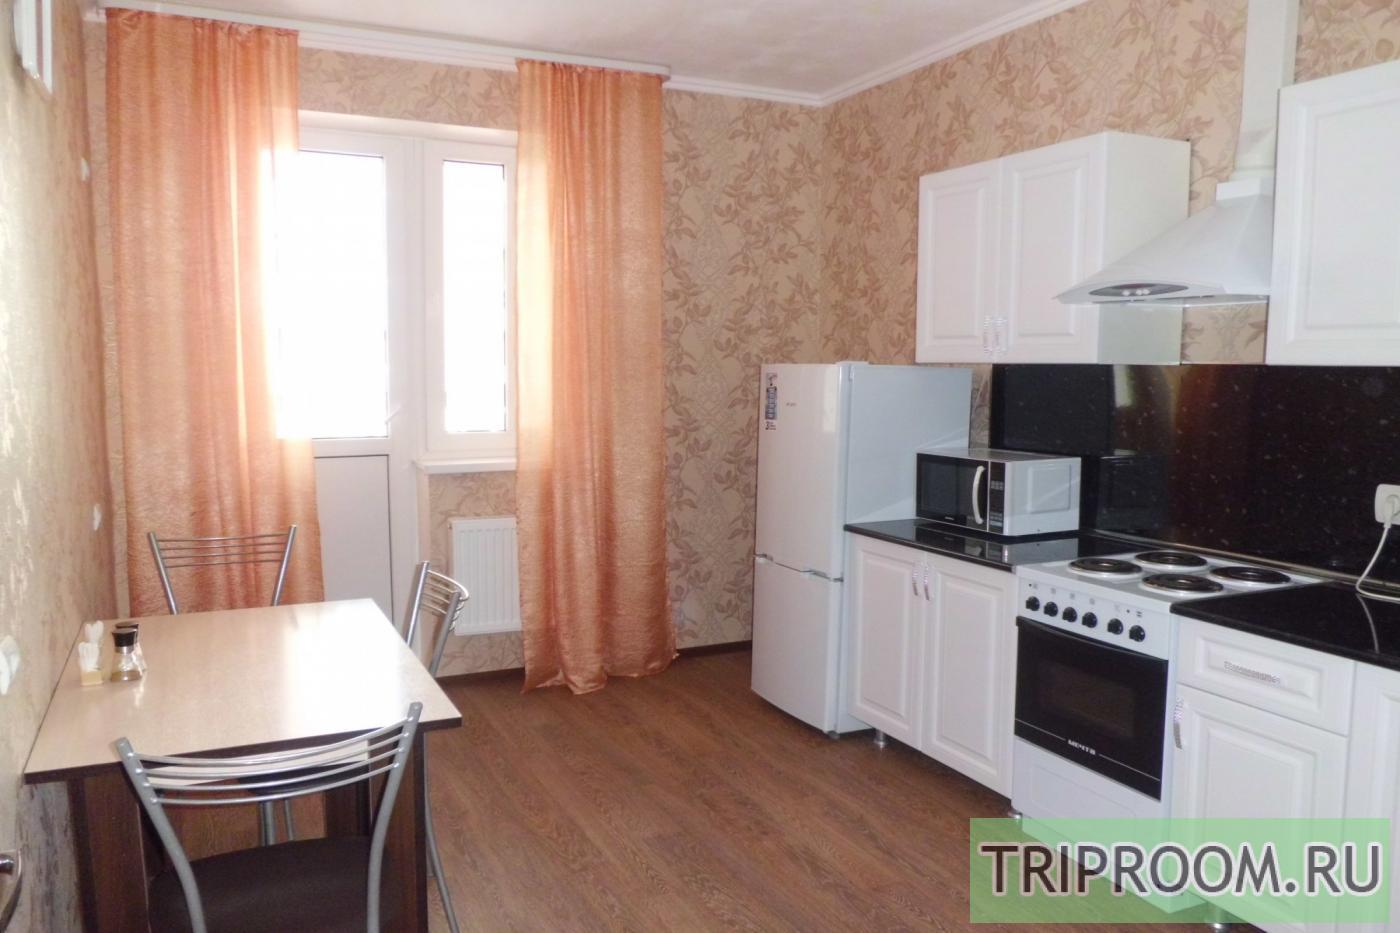 1-комнатная квартира посуточно (вариант № 32008), ул. 40-летия Победы, фото № 5